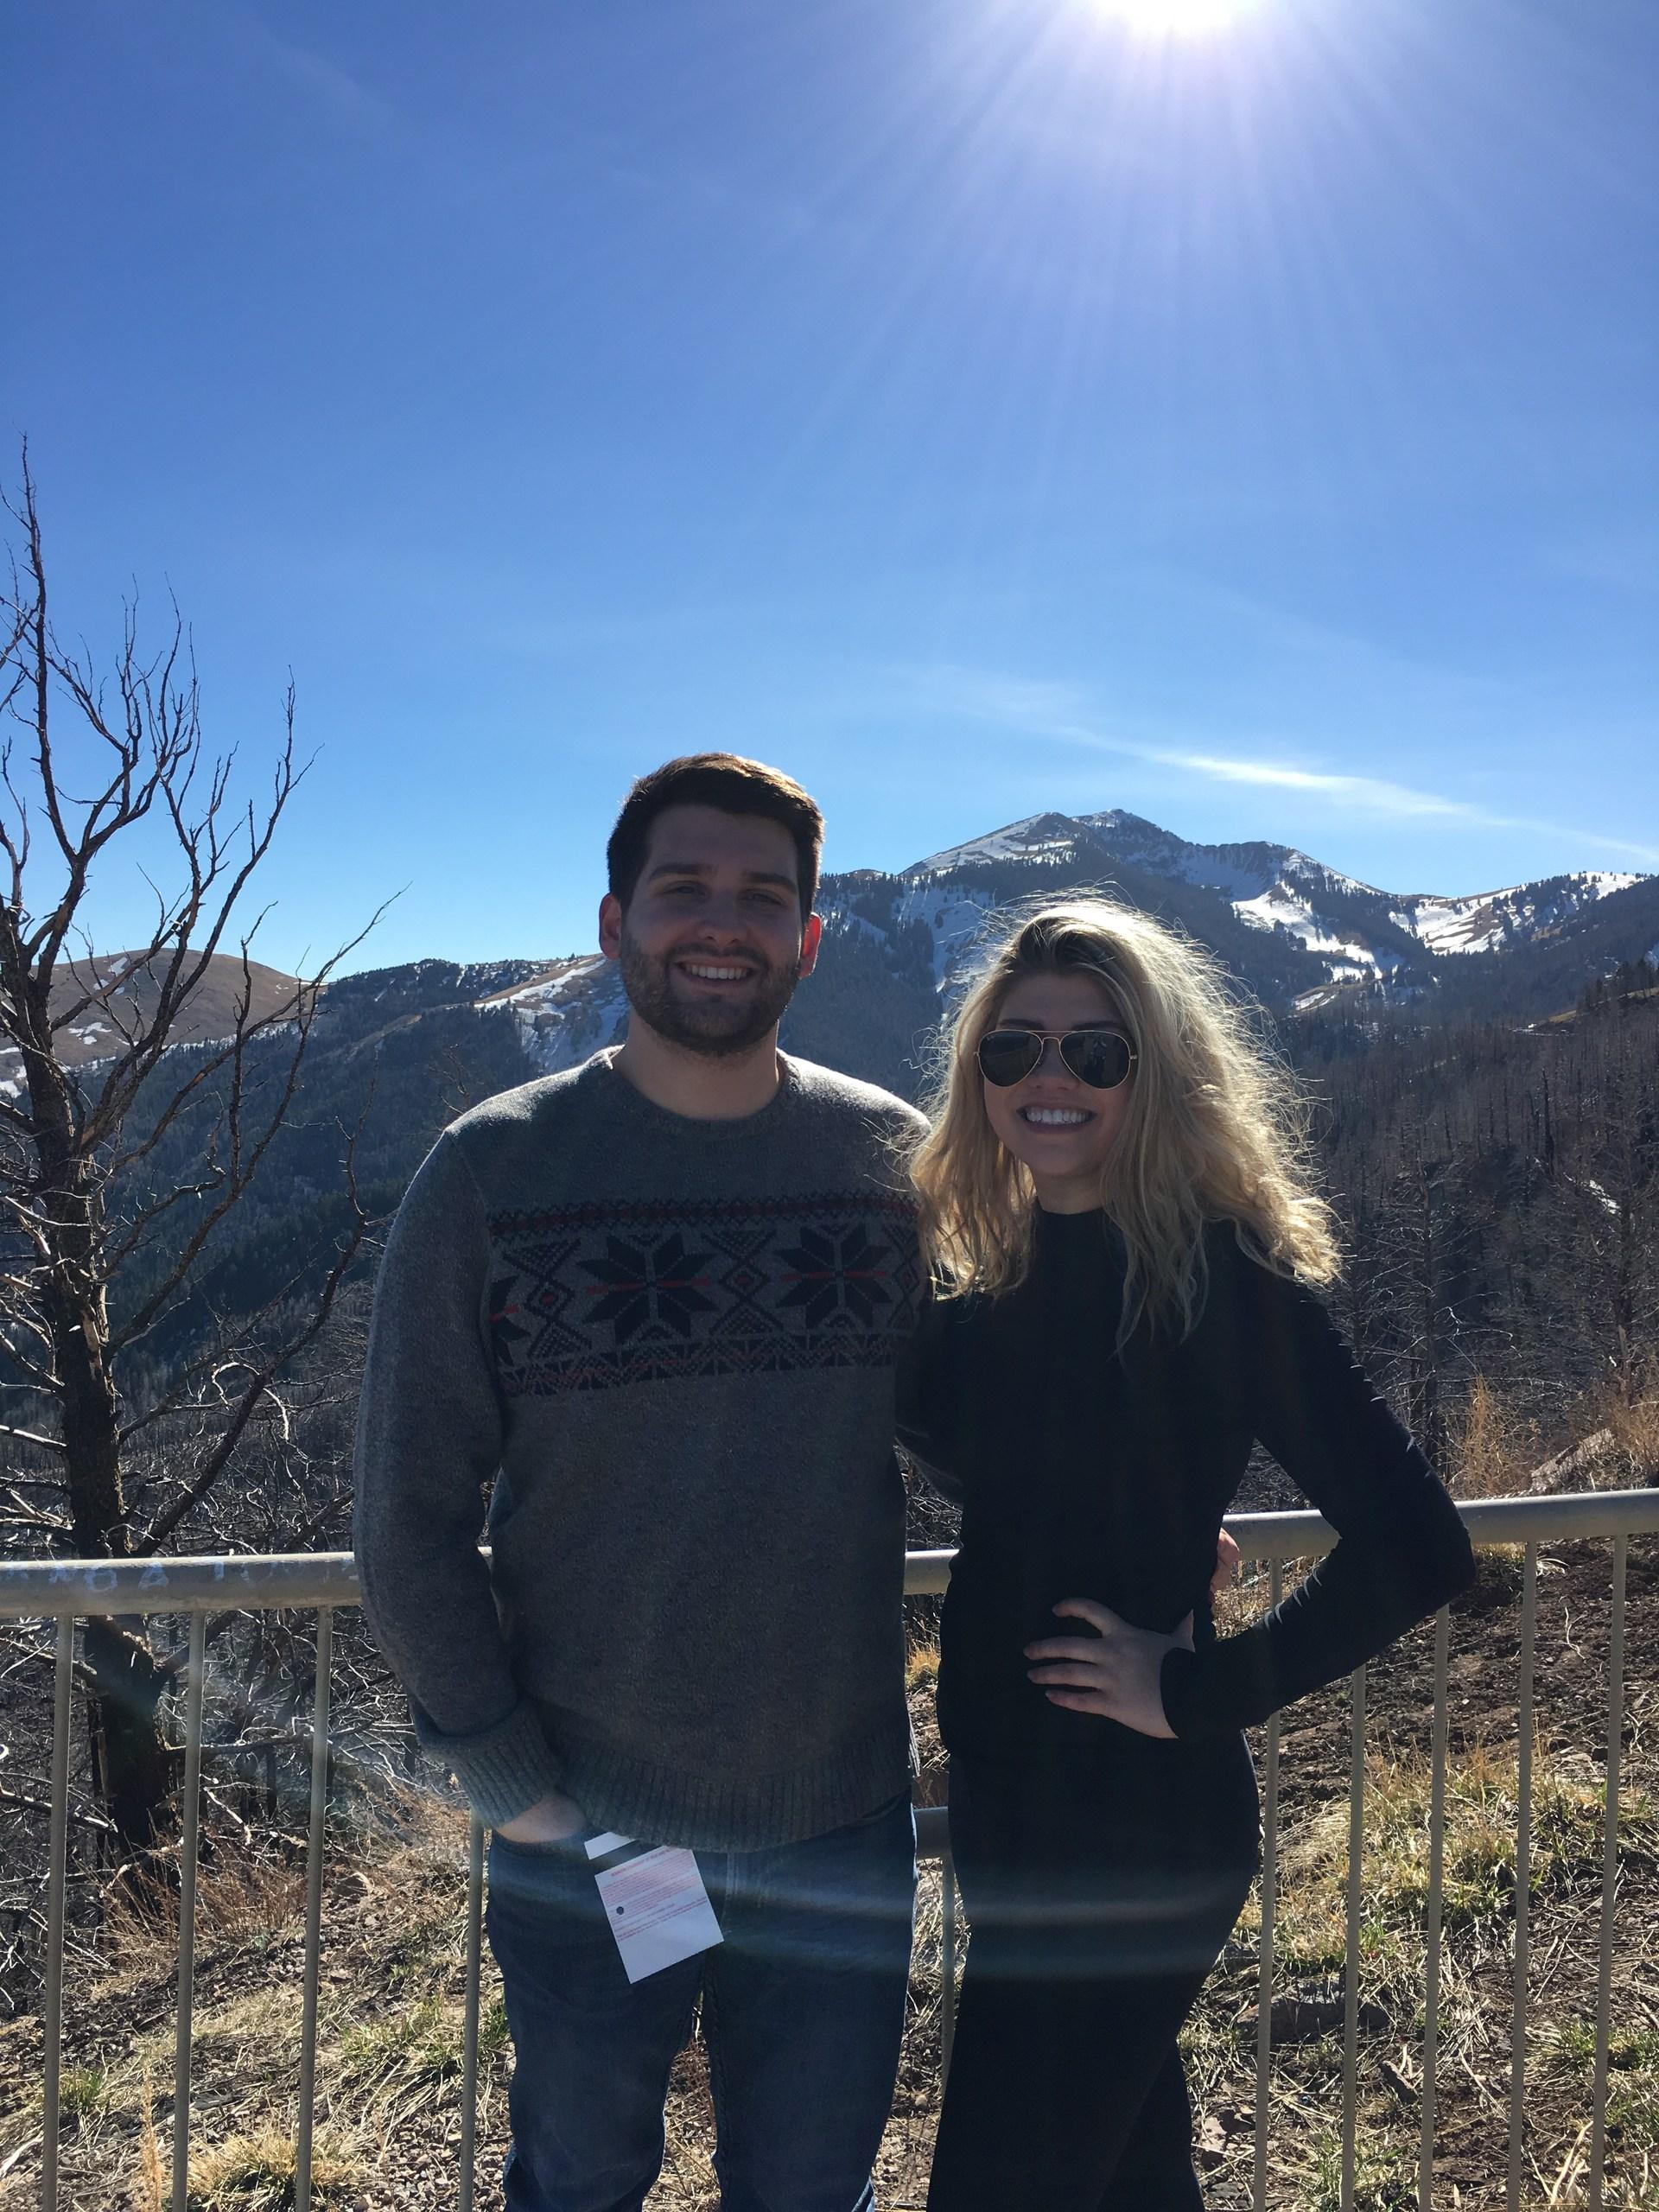 Micah and Sarah Ruidoso, NM